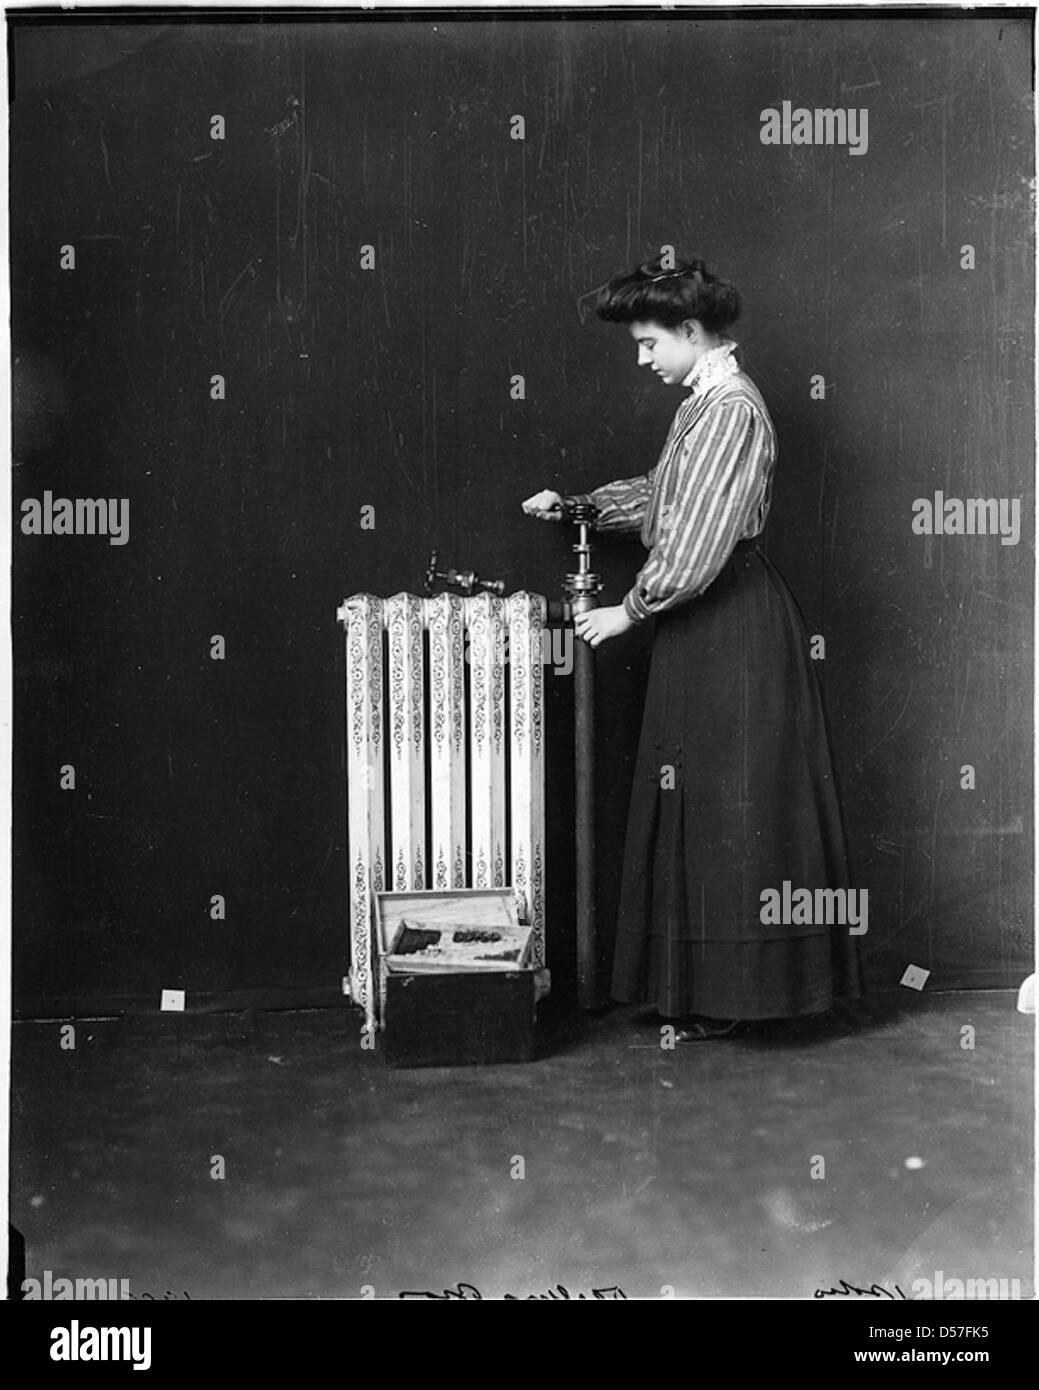 Woman repairing hot water radiator, 1909 - Stock Image